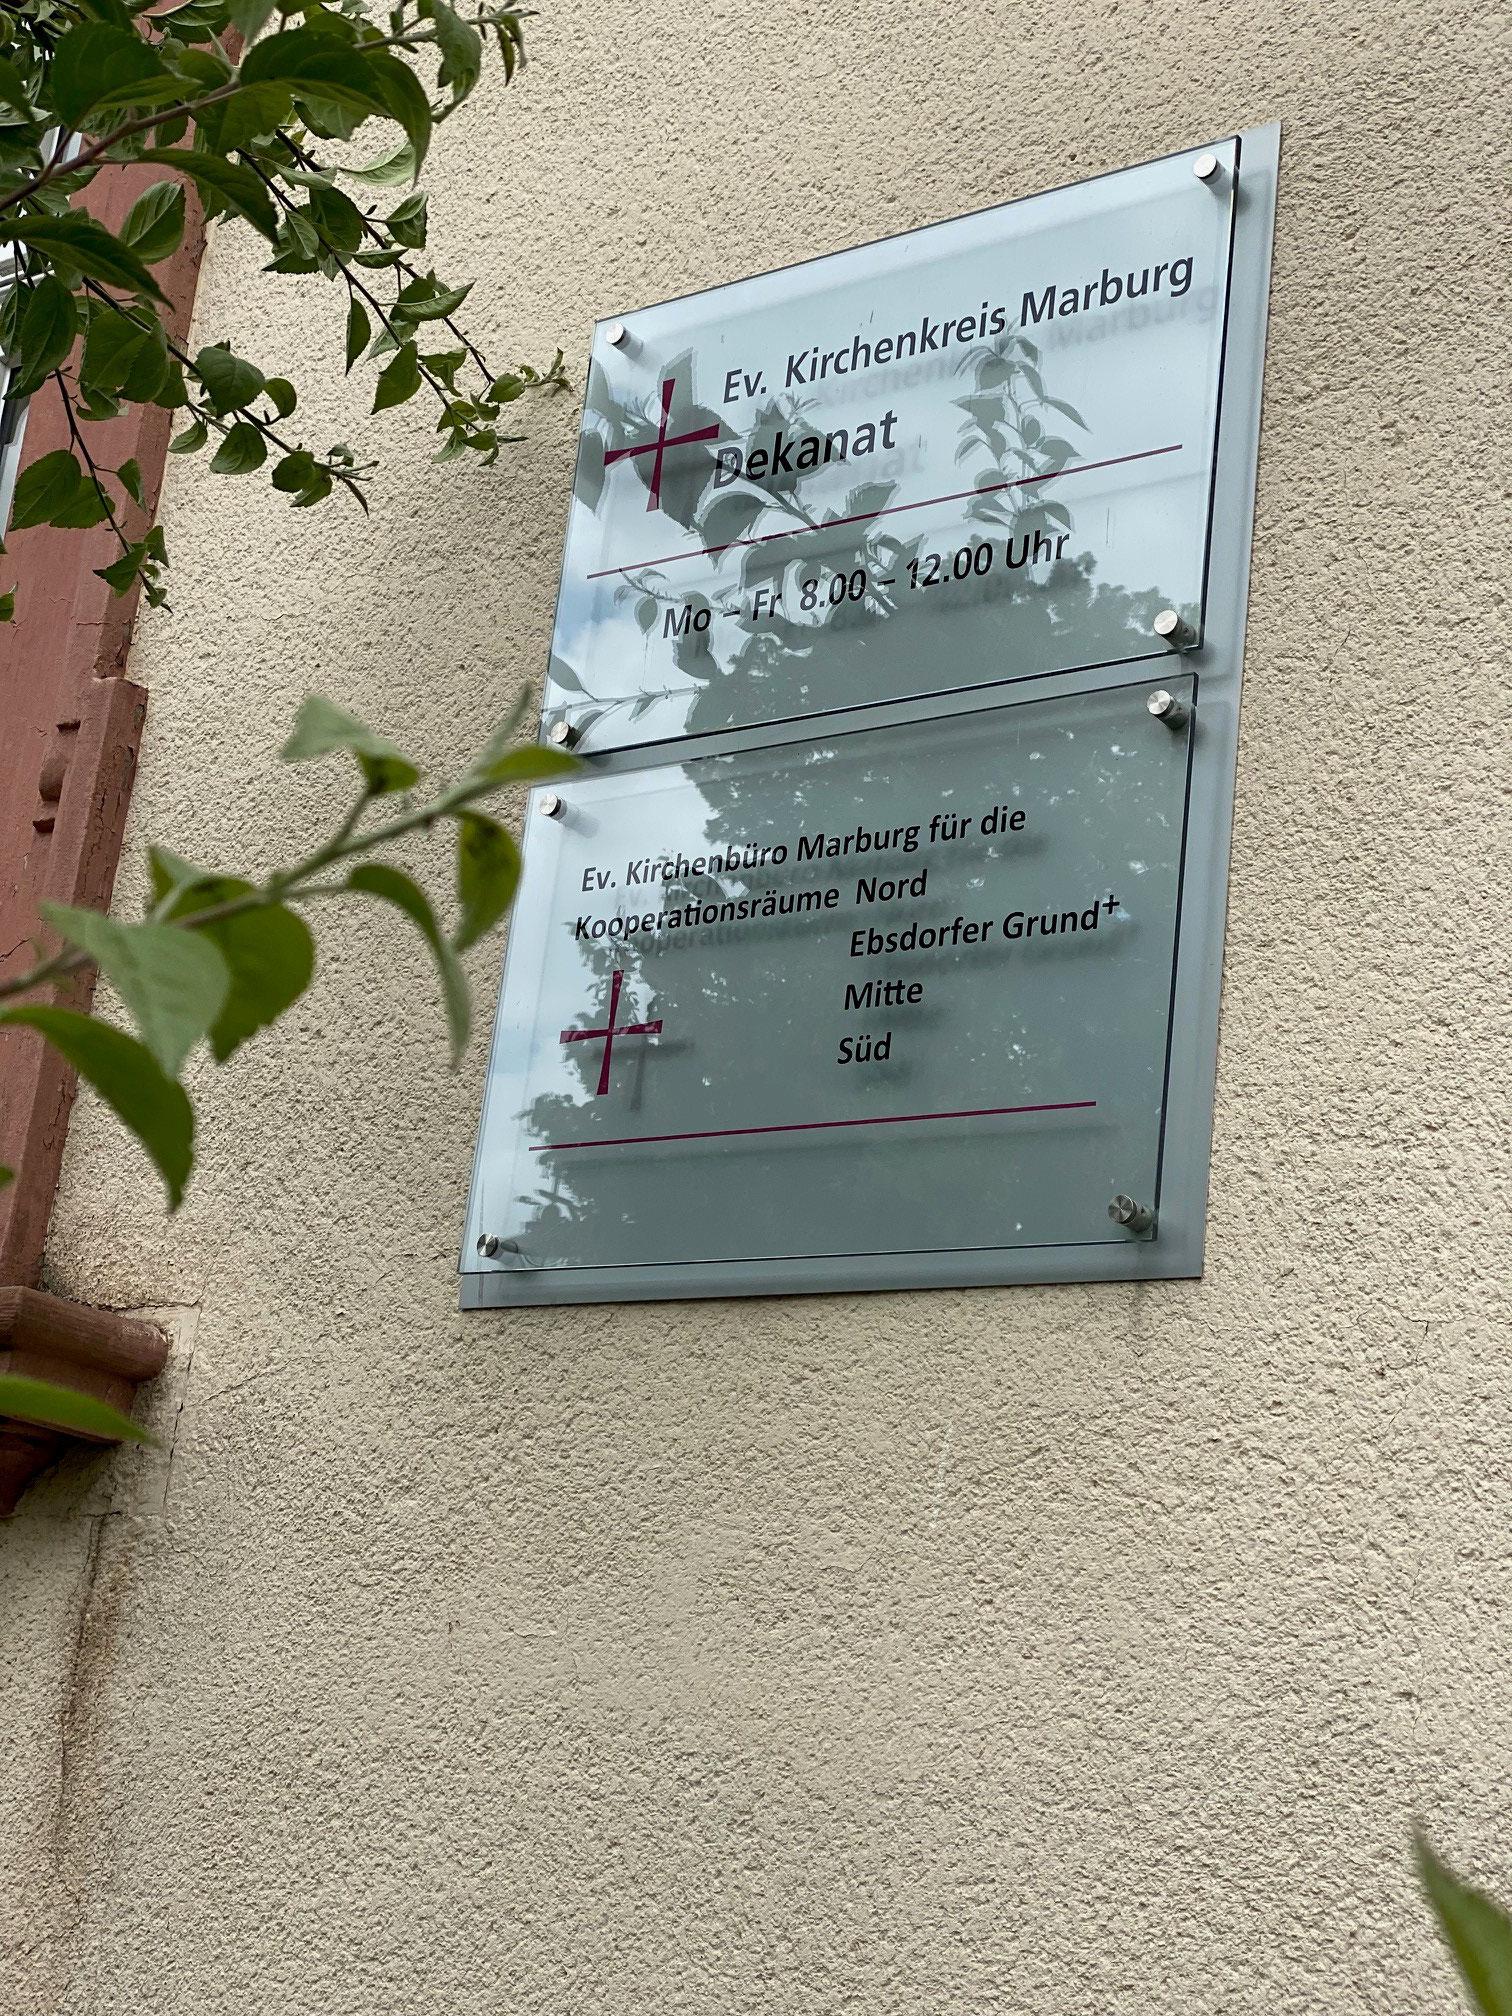 Ev. Dekanat Marburg I Bildquelle: Sarah Mohr